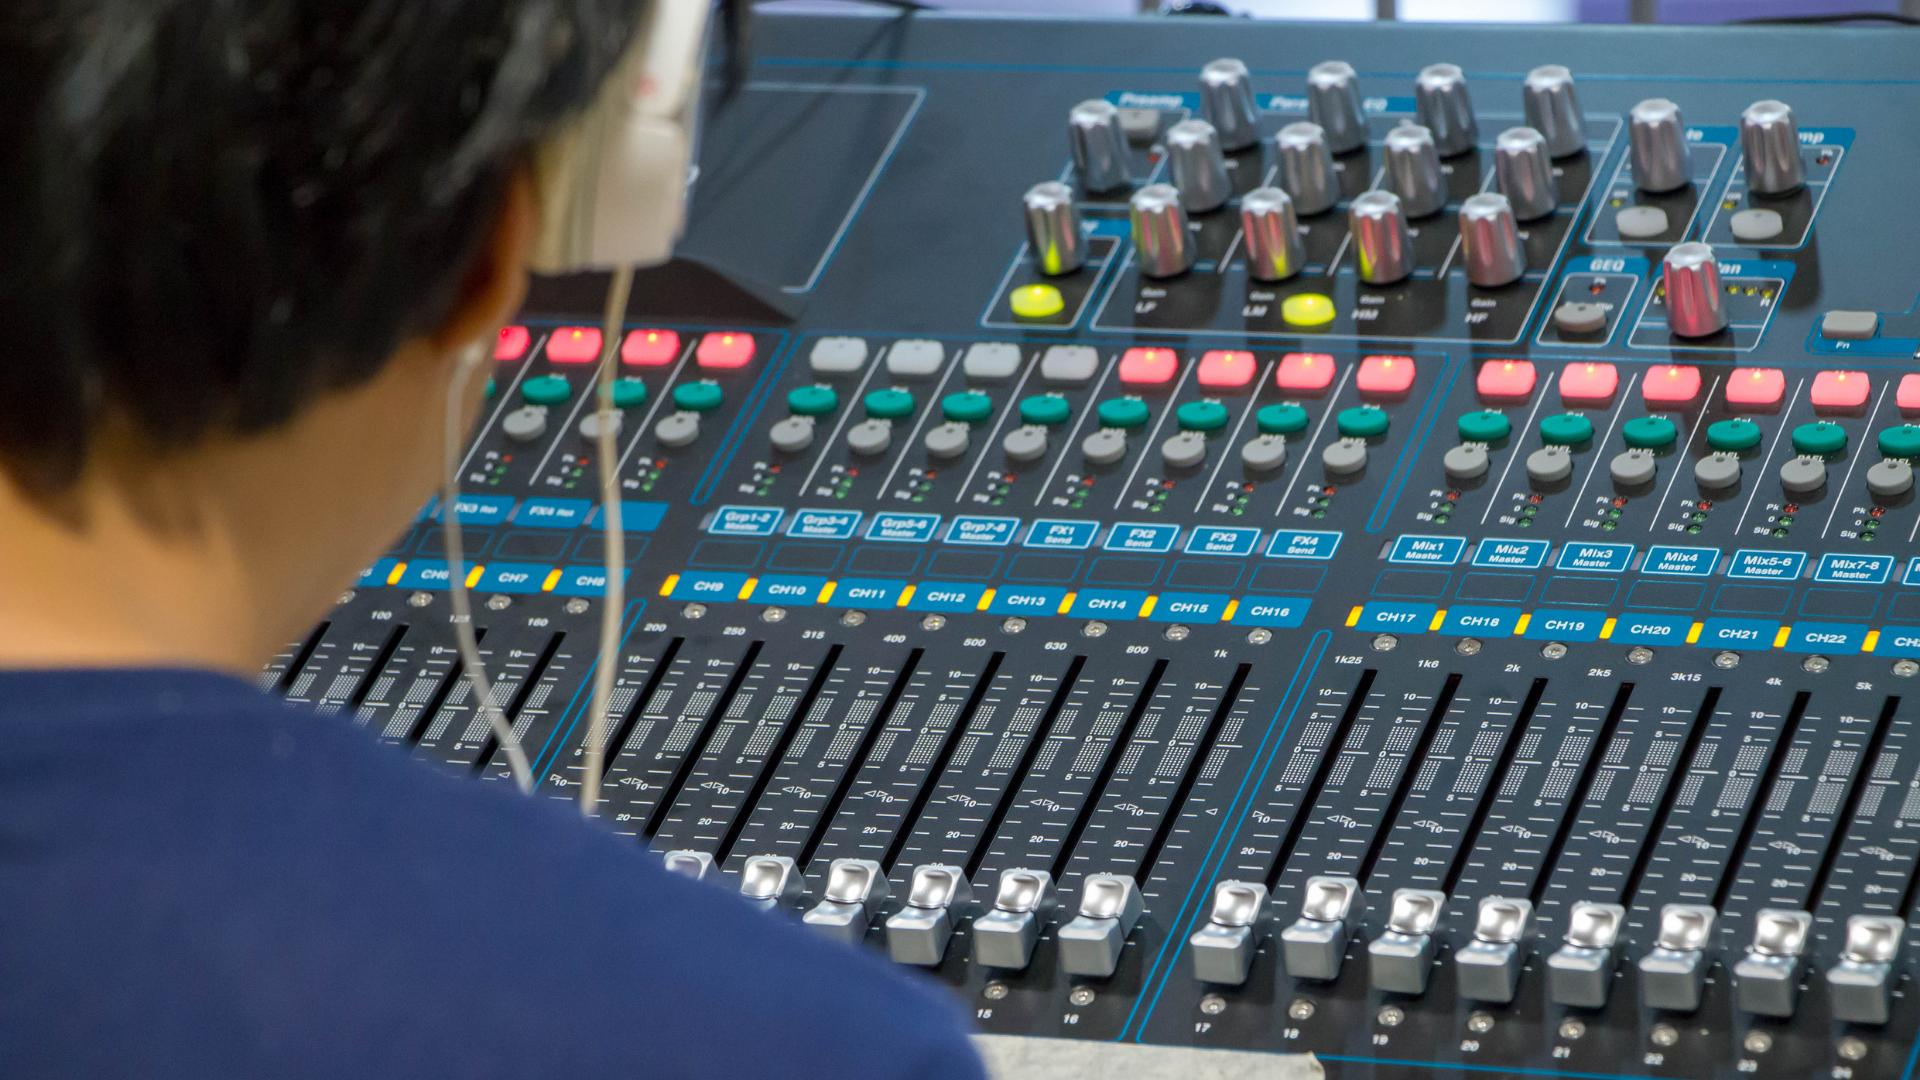 Servizi Alle Radio, Gestione e Controllo Contenuti In Programmi e Talk